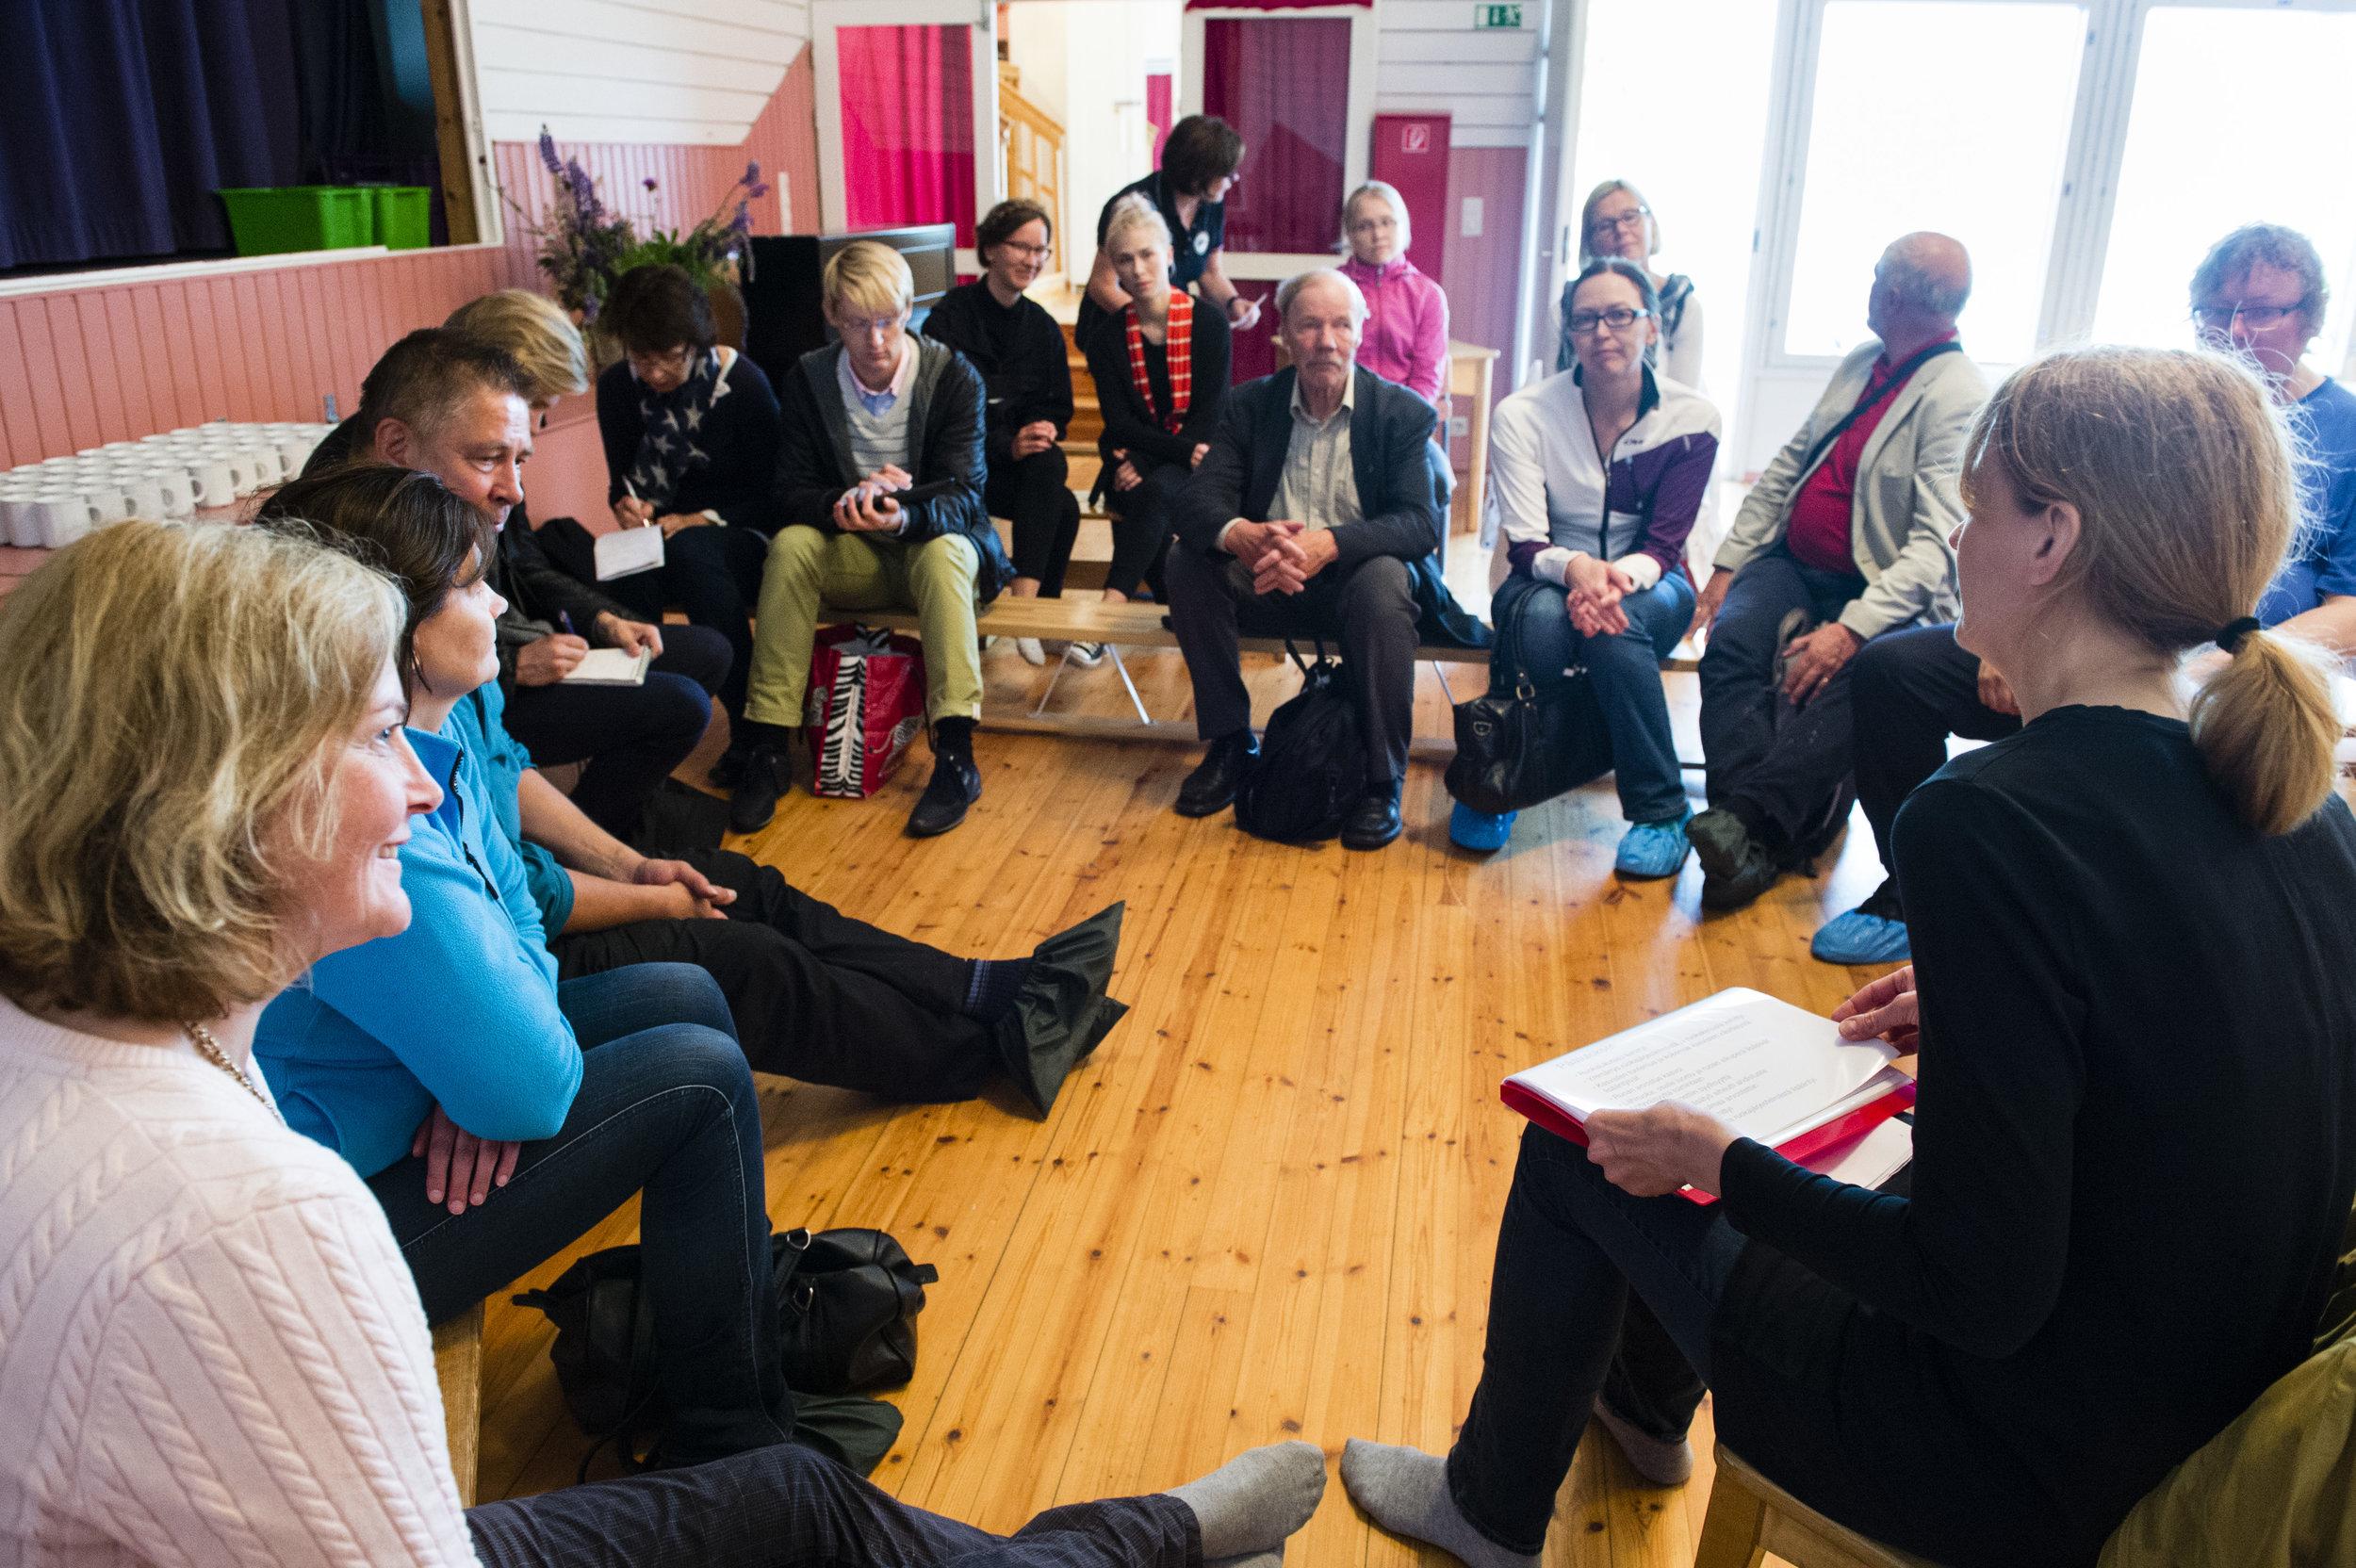 Kumppanuusmaatalous jäsenten arjessa, kotitalousopettaja, KM Maritta Paakkinen kuvassa oikealla reunalla.